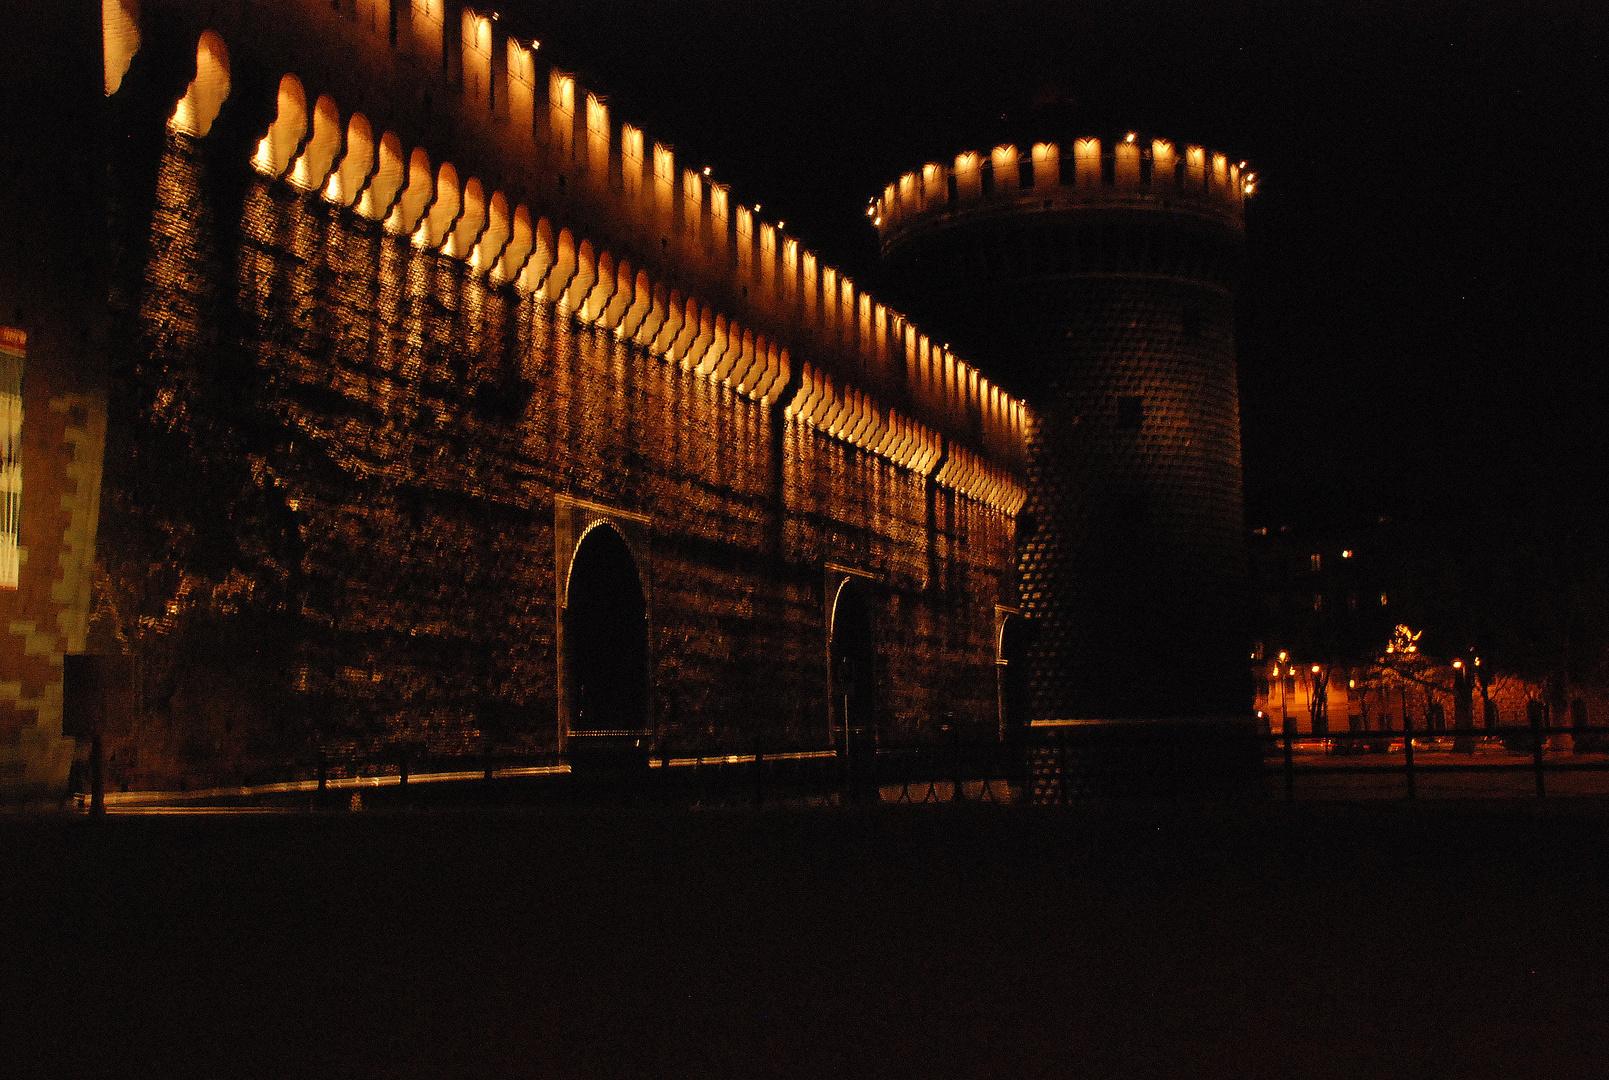 Camminando intorno al castello..........bello